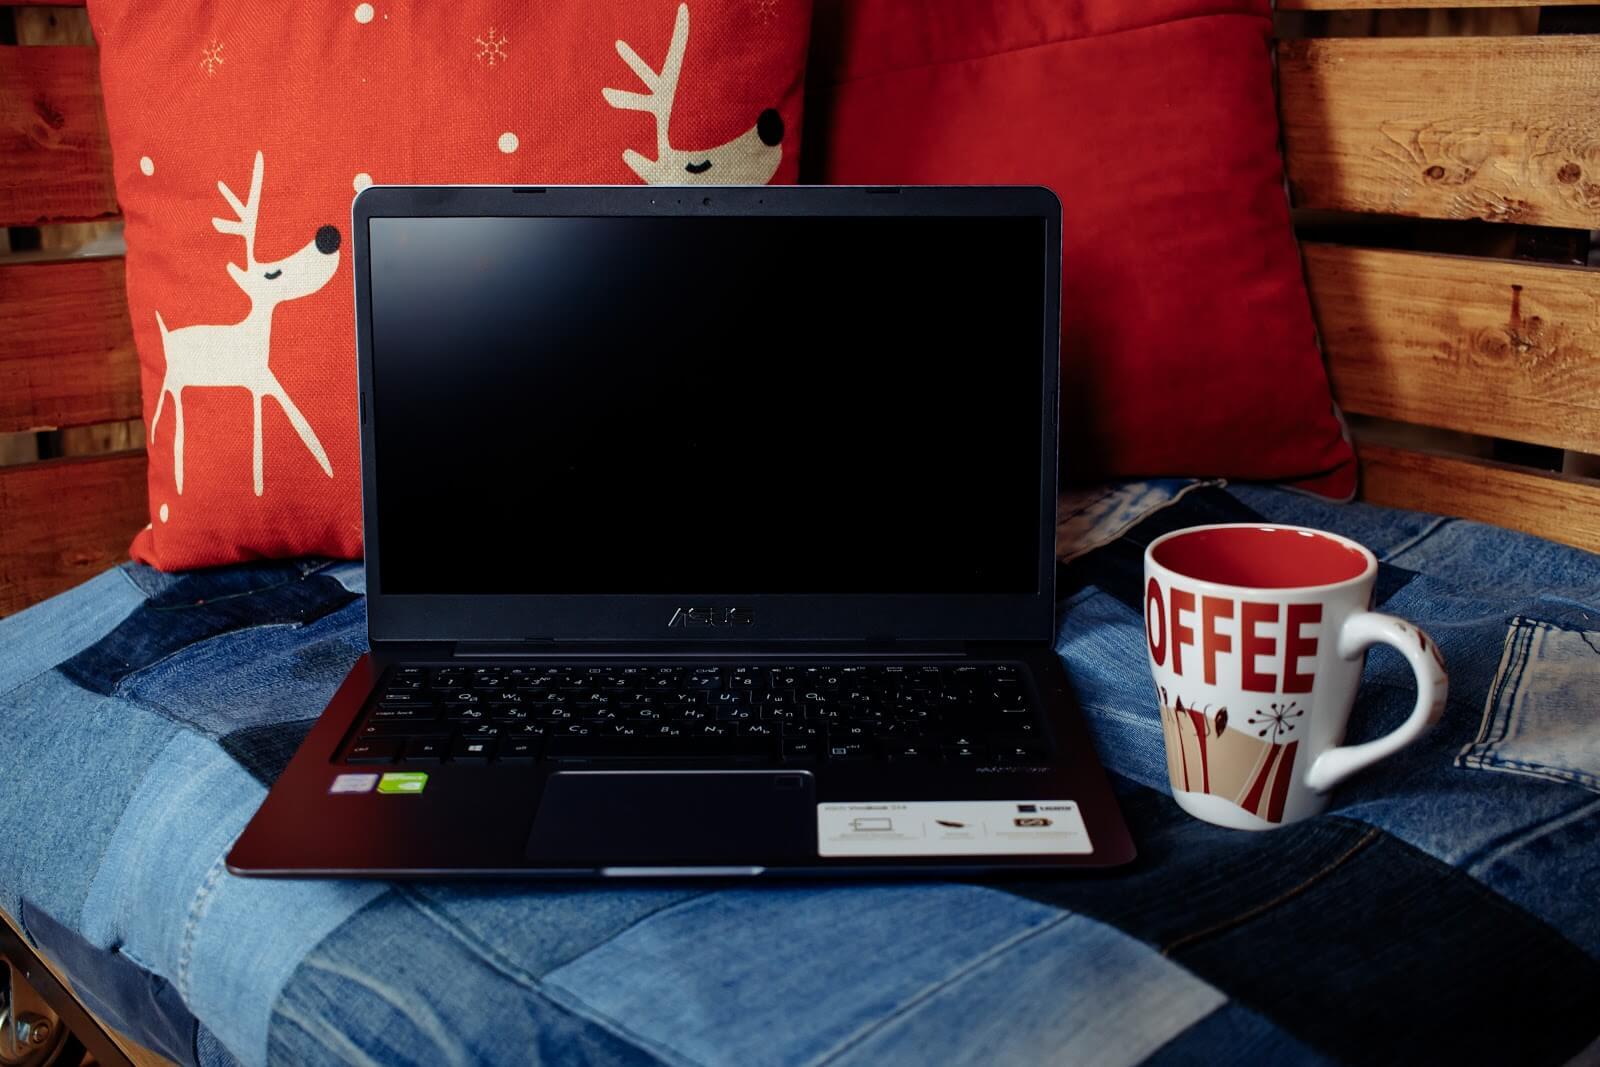 зачем копирайтеру личный блог